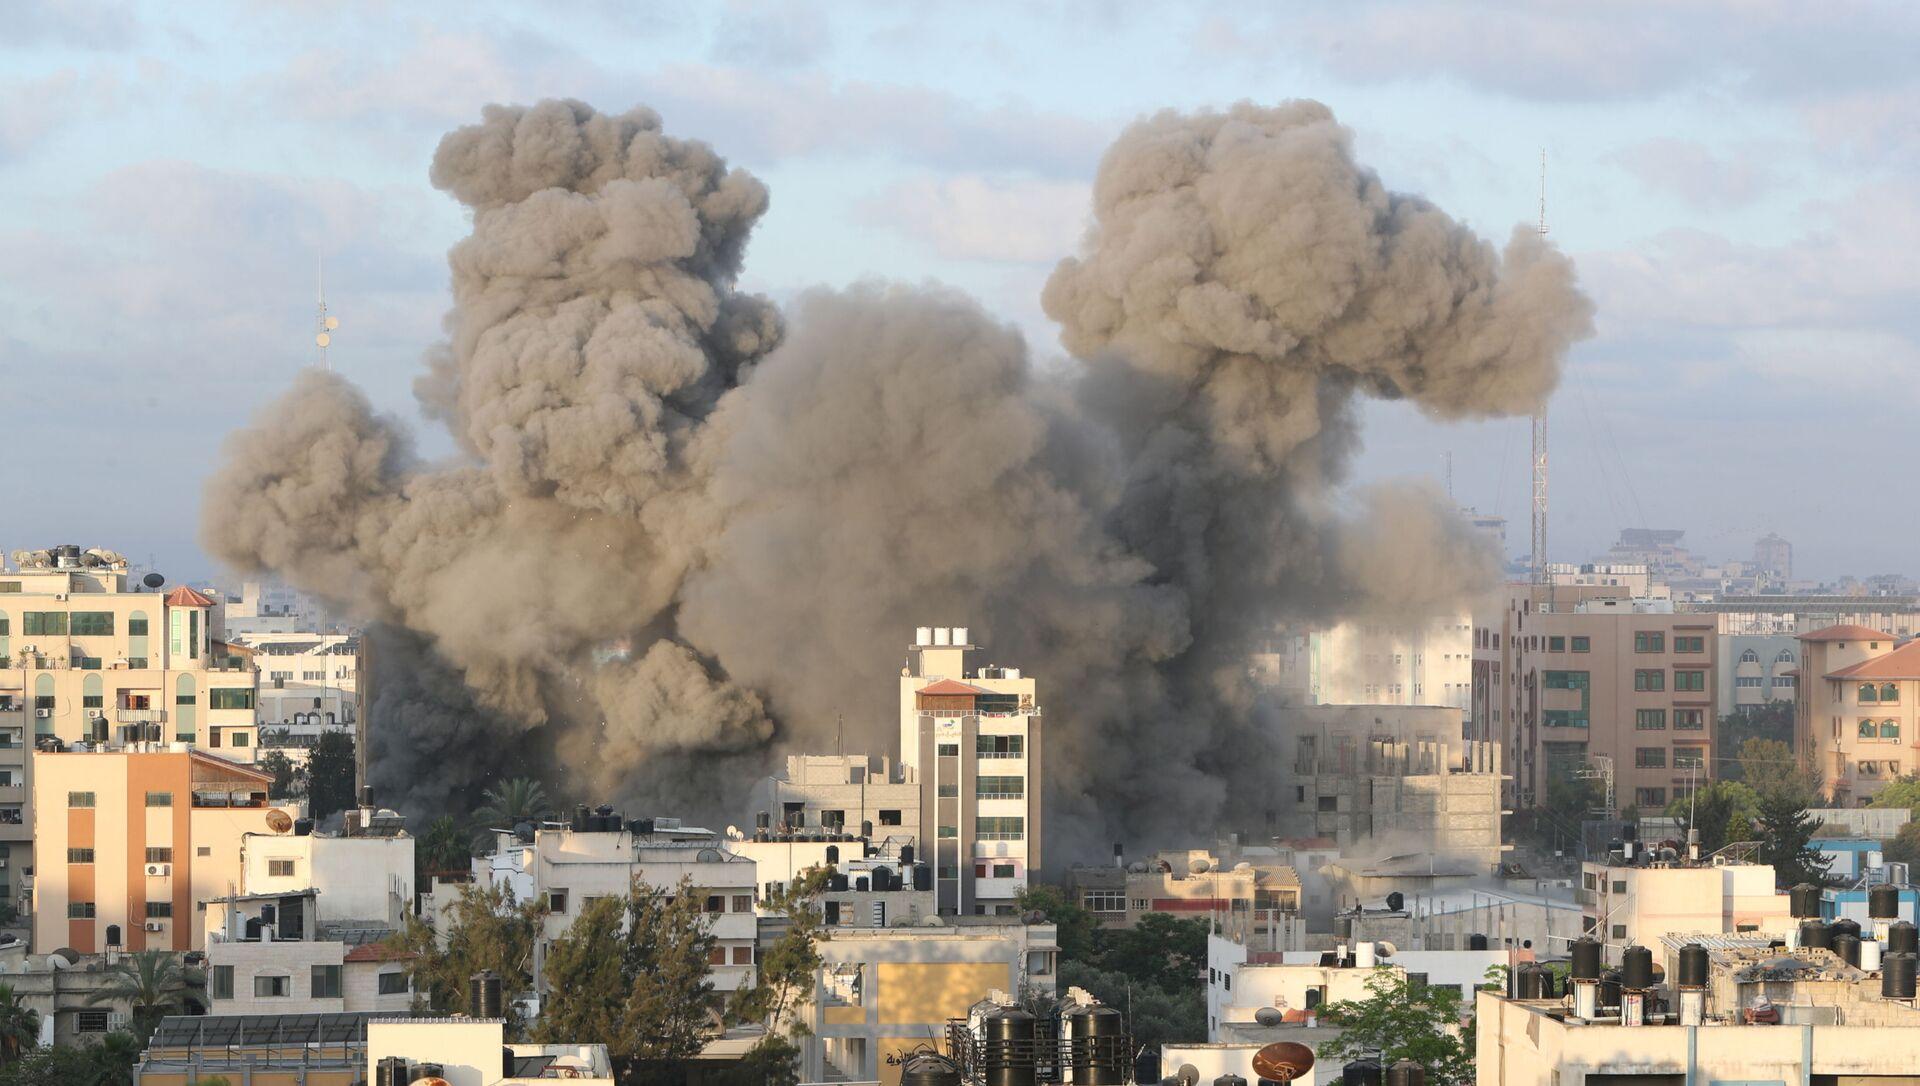 Взрыв в Газе после удара израильских ВВС - Sputnik Беларусь, 1920, 20.05.2021